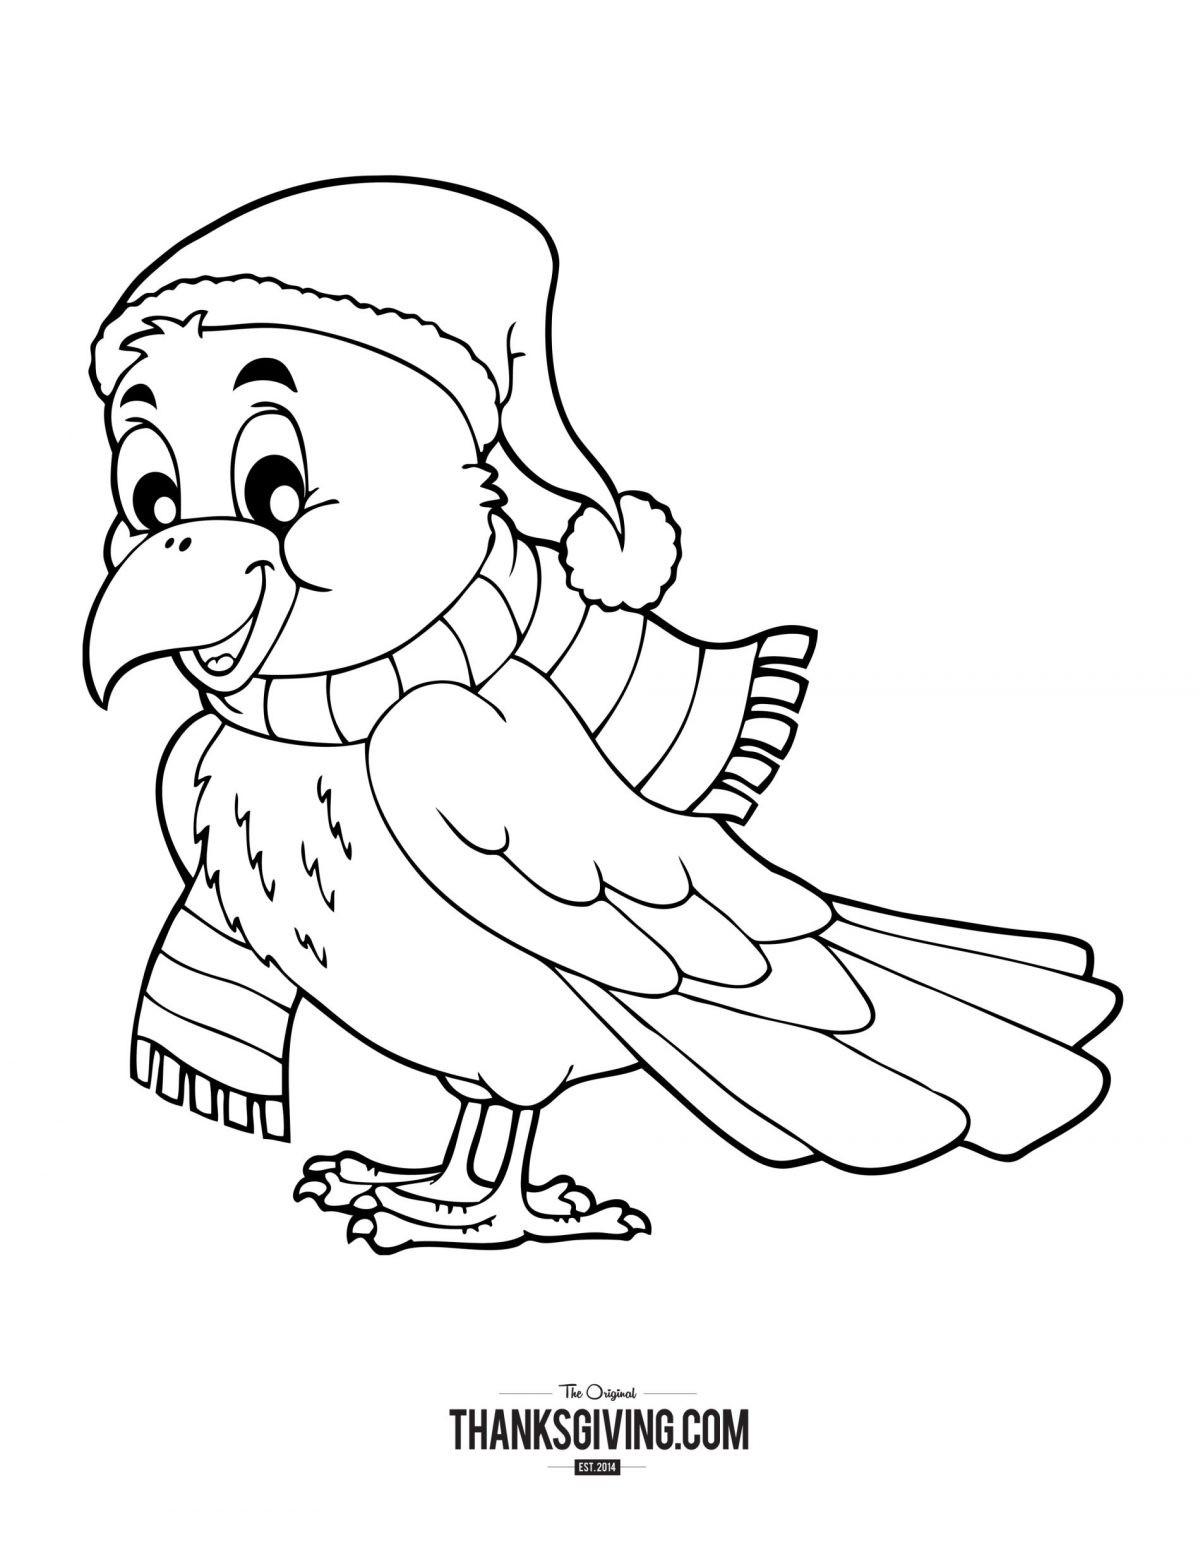 Cozy Bird